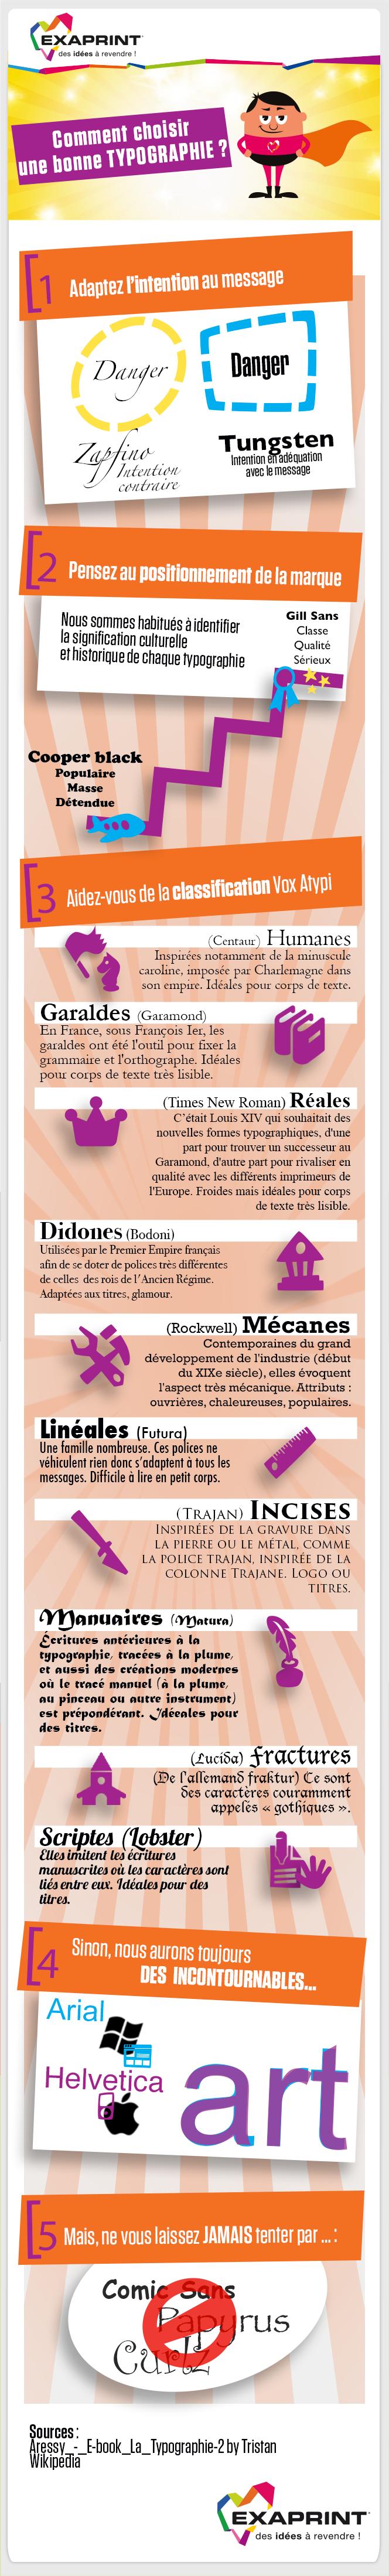 5 conseils pour choisir une bonne typographie (#infographie)